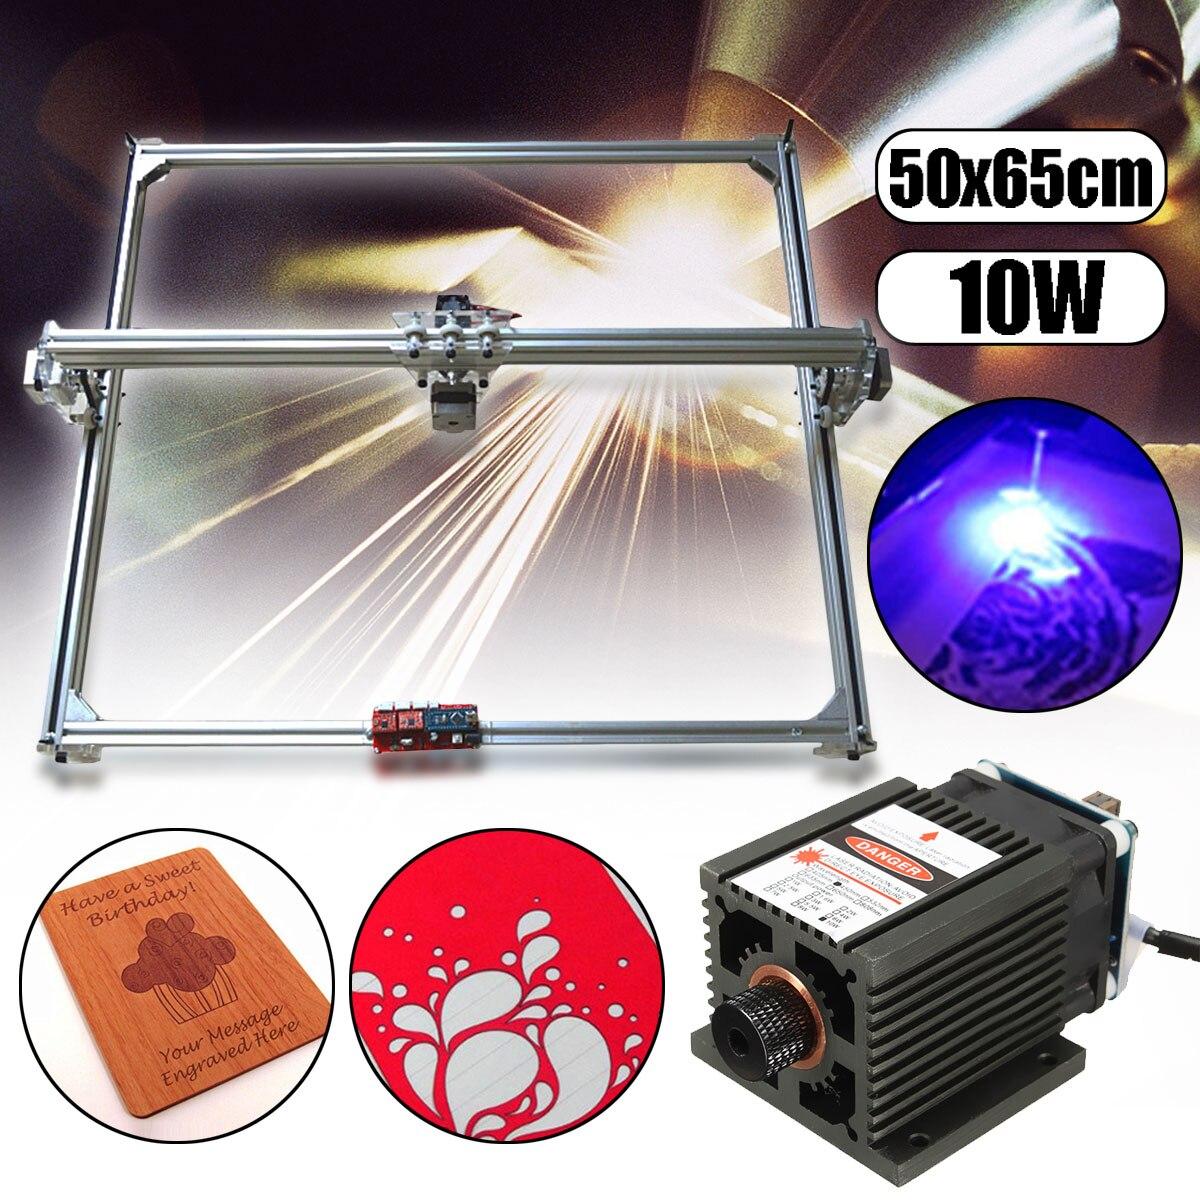 50*65 cm Área Mini Laser Engraving Máquina De Corte Impressora DC 12 V Cortador de Madeira + 10 W Azul cabeça do laser Poder Ajustar Kit de Mesa DIY